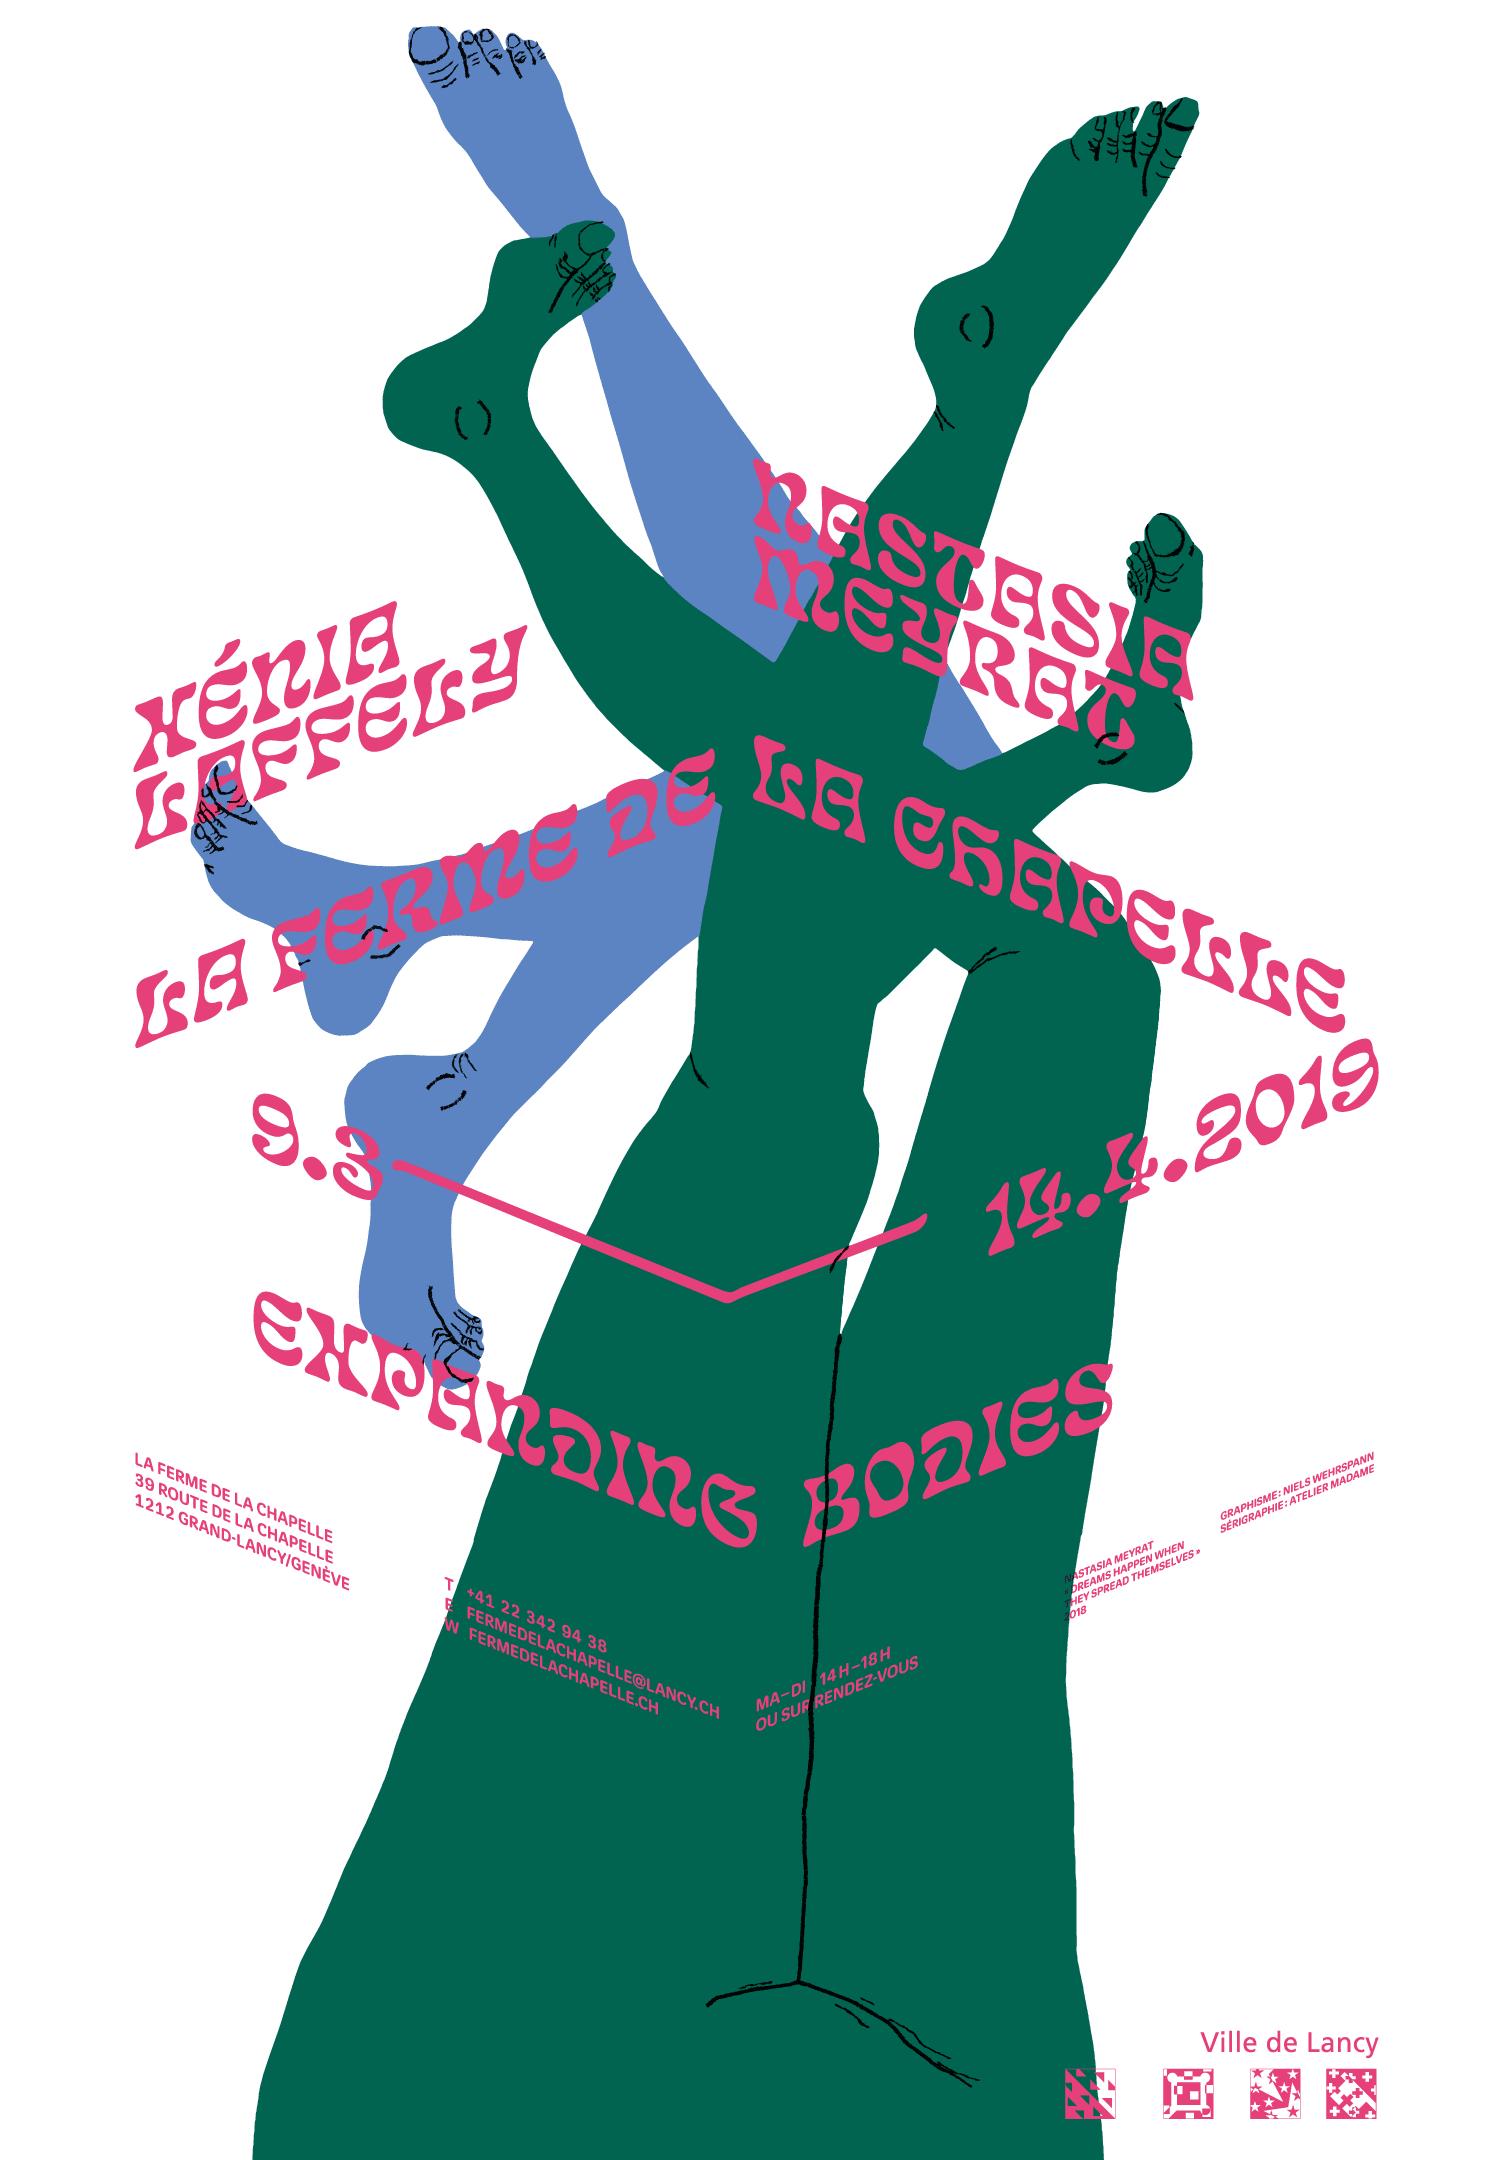 Affiche pour la Ferme de la Chapelle avec une œuvre de Nasatsia Meyrat